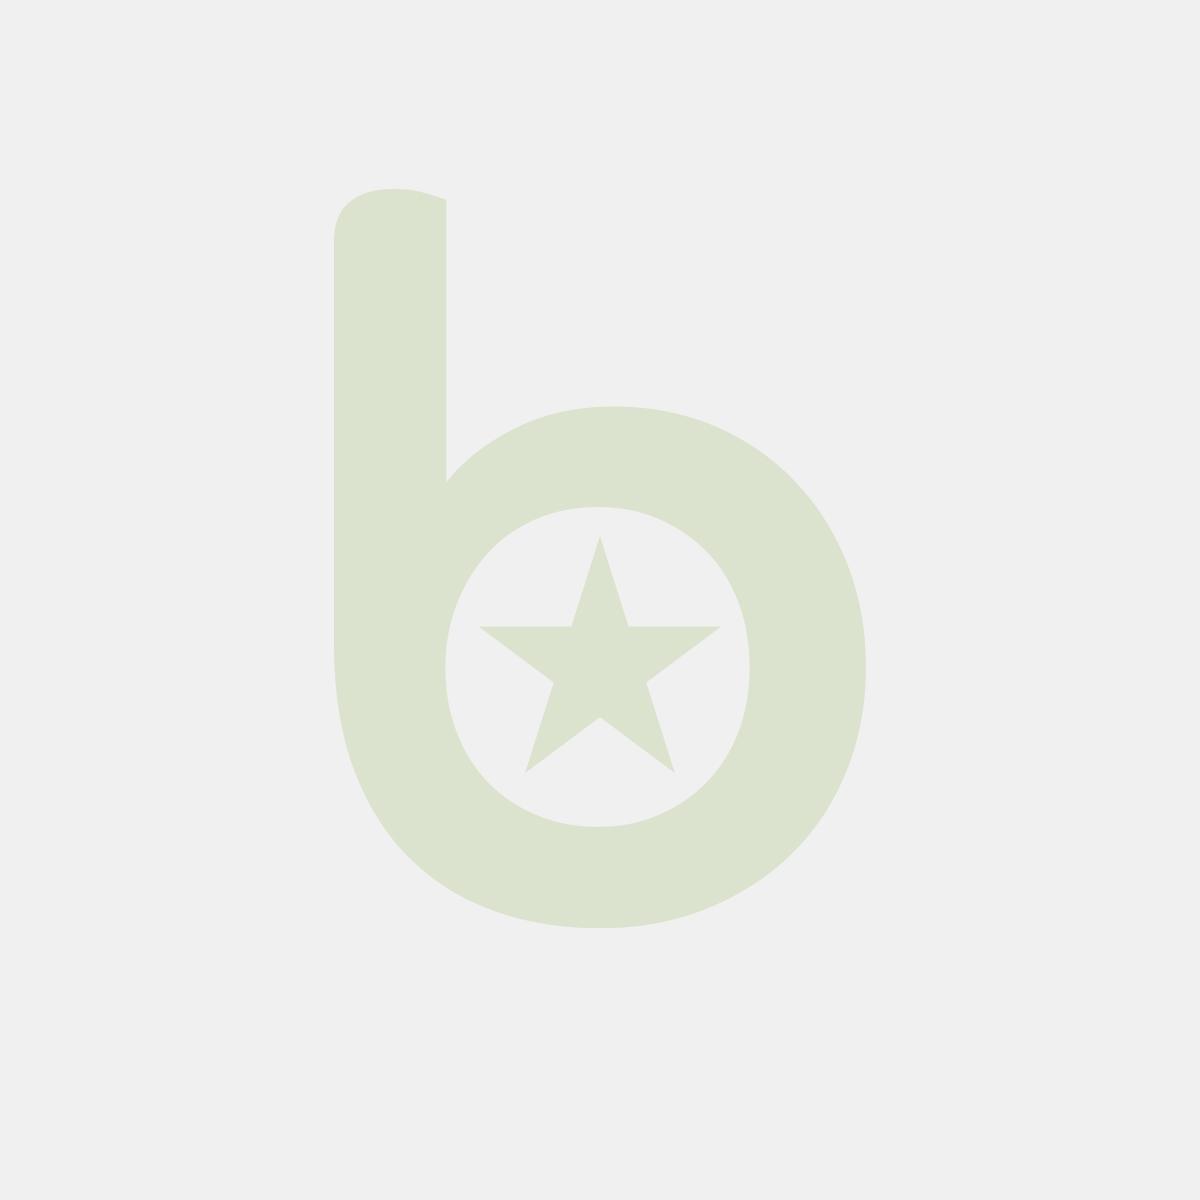 FINGERFOOD - rondel złoto/czerń 120ml okrągły PS fi.7x13x(h)4,1cm, op. 12 sztuk